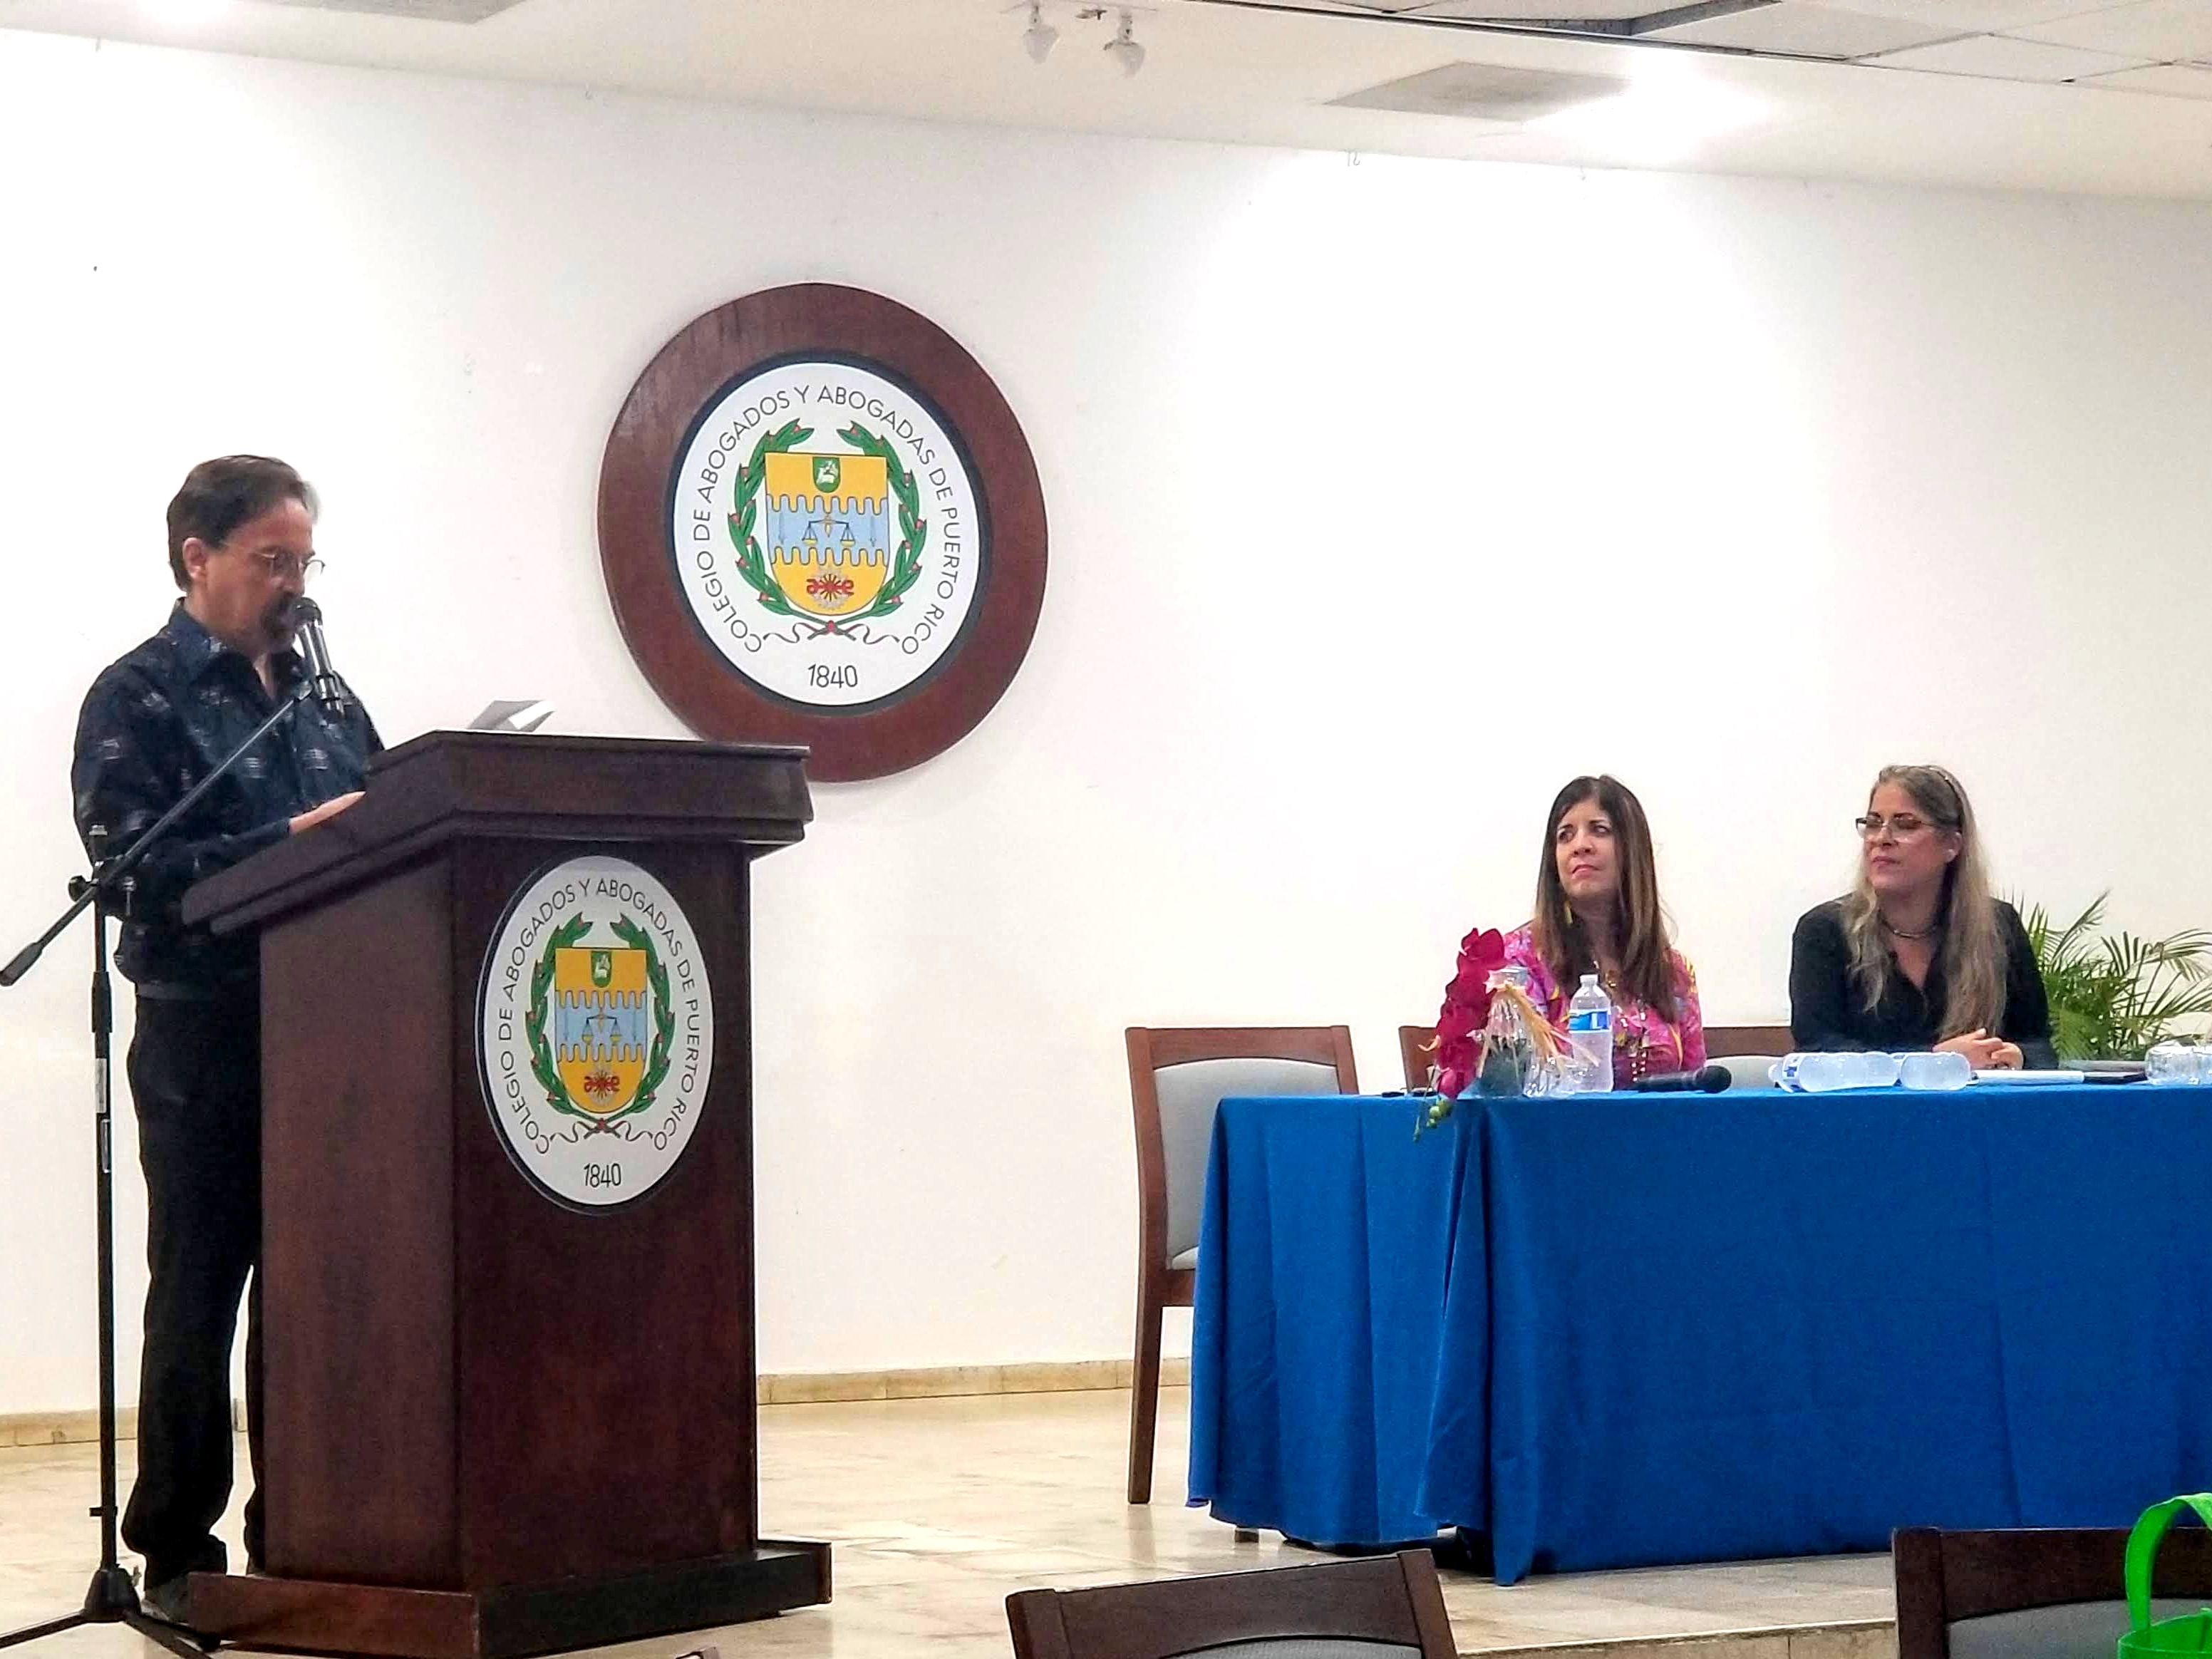 Dos de los autores de Ateos y agnósticos en Puerto Rico